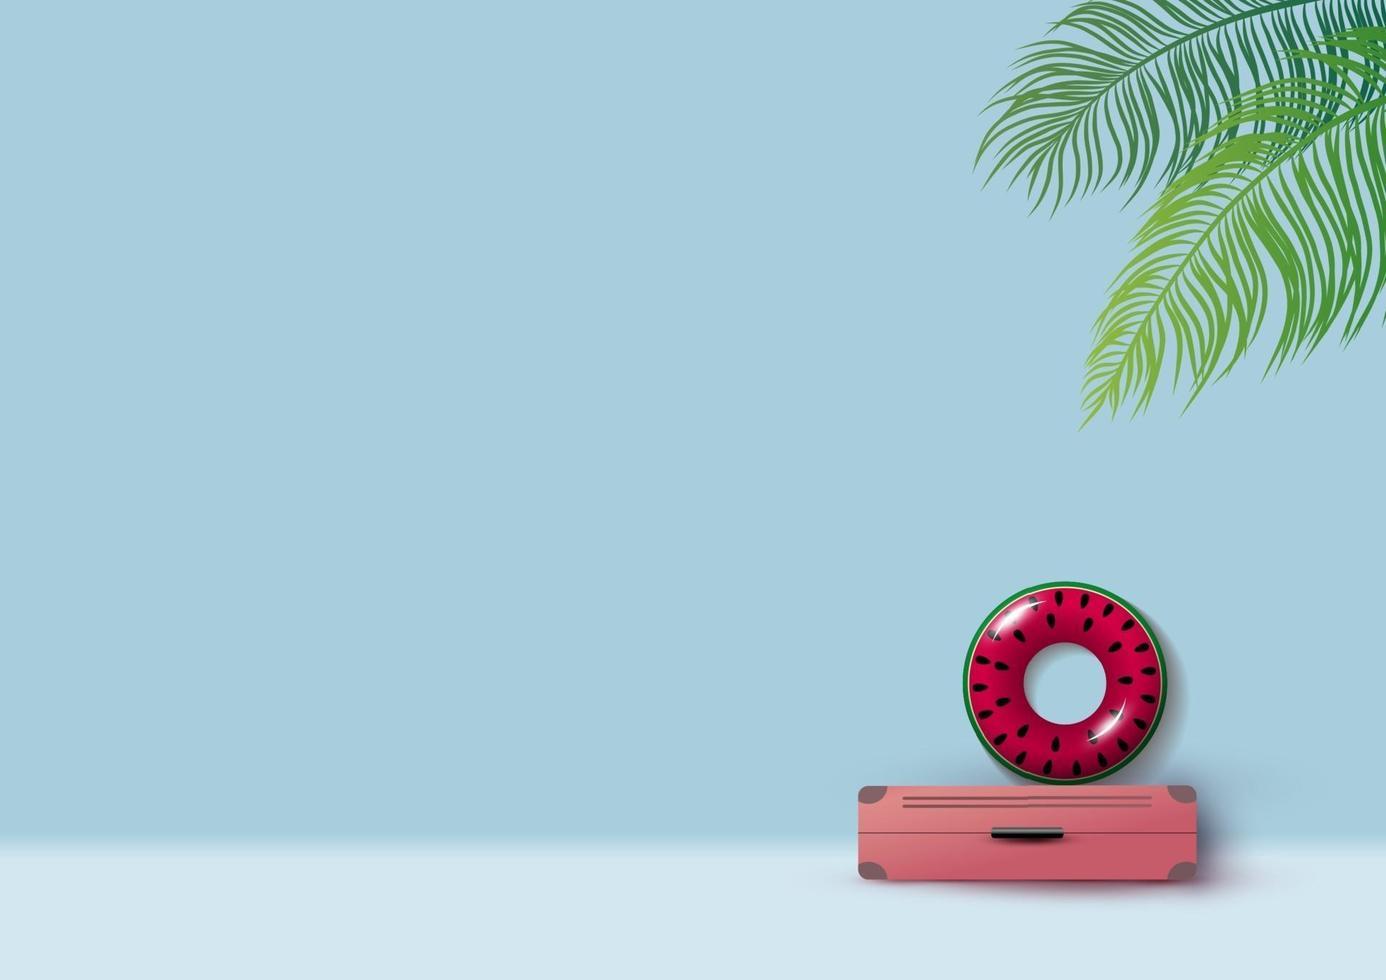 Minimales Sommerkonzeptdesign von Gepäck und aufblasbarer Wassermelone mit Kopienraumvektorillustration vektor